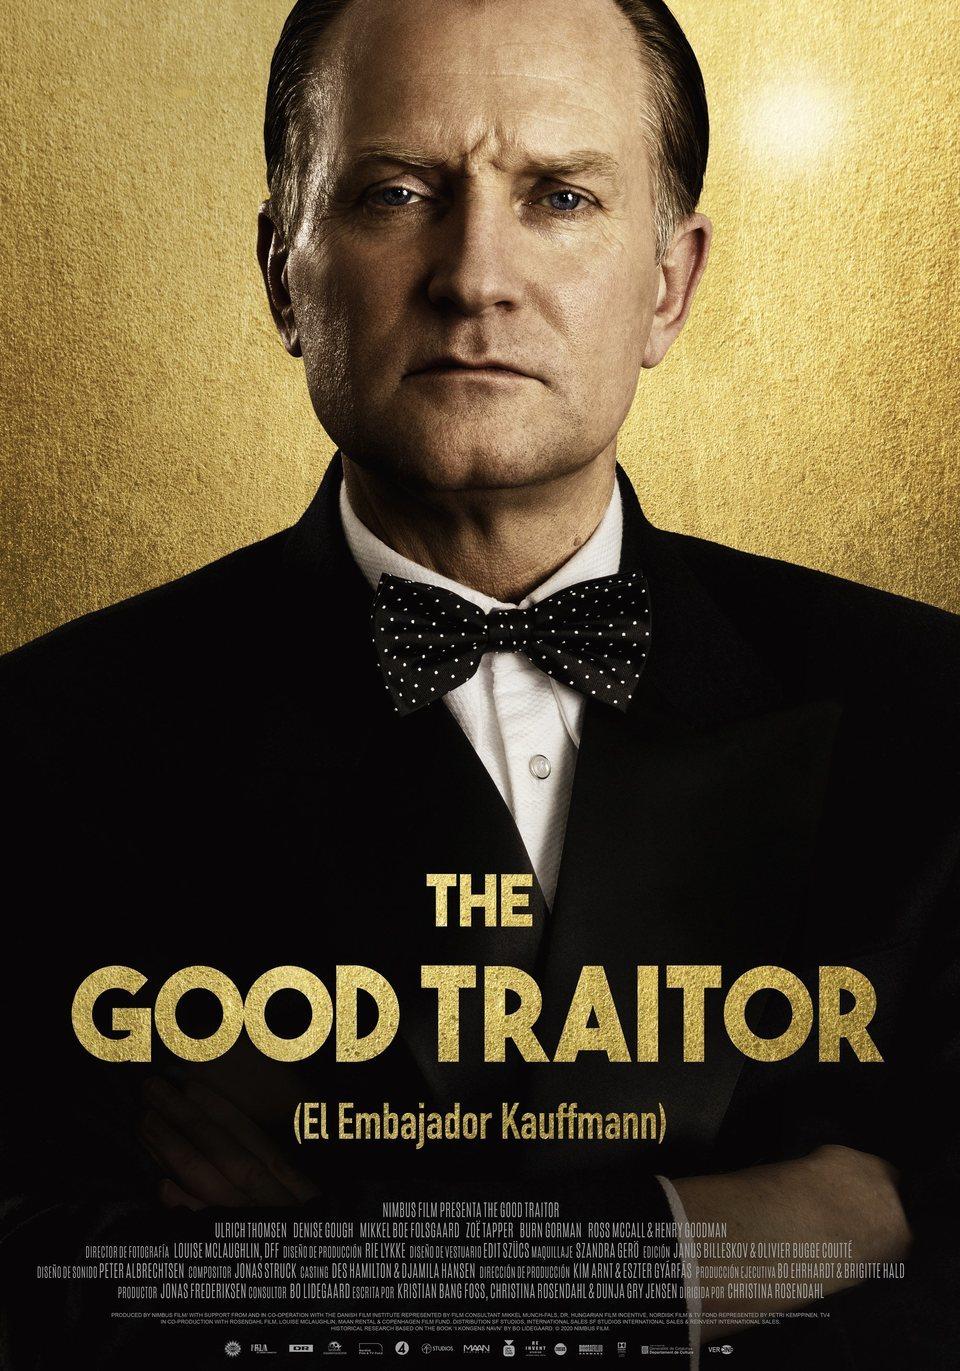 Cinema d'estiu: The good traitor (El embajador Kauffmann) / 02-08-2021, a les 22 h, a Vandellòs